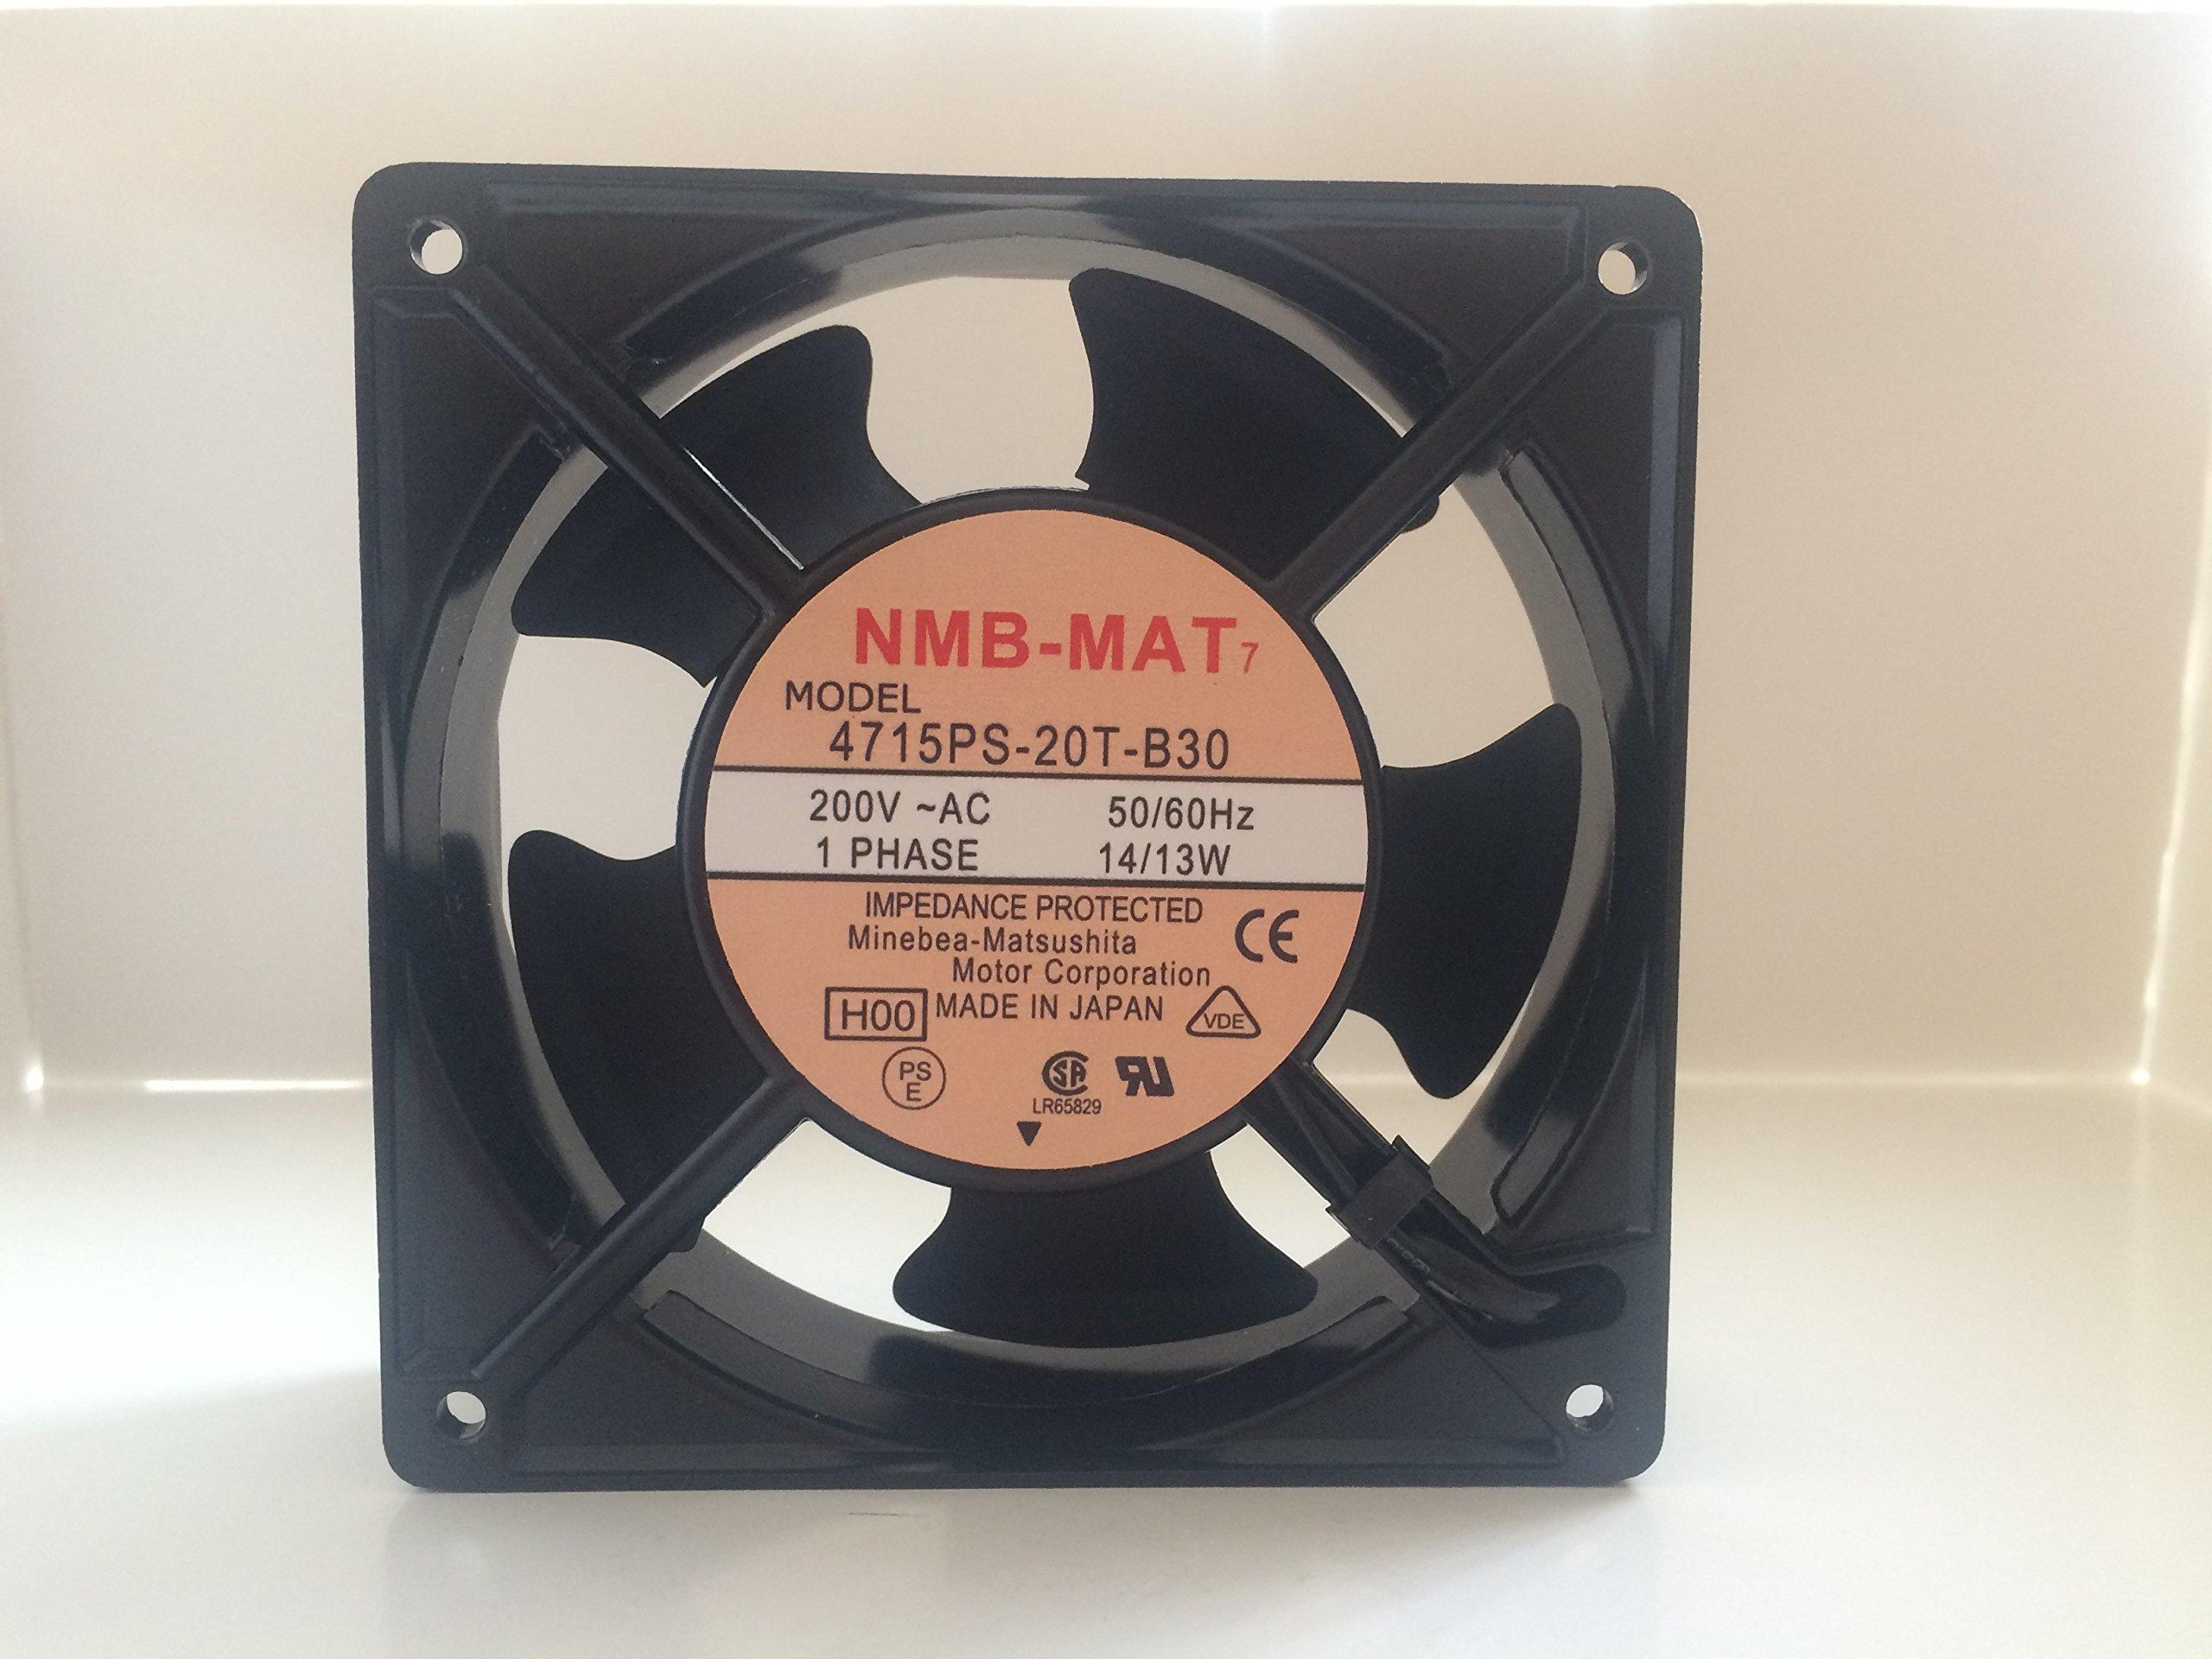 NMB-MAT - NEW 4715PS-20T-B30 FAN